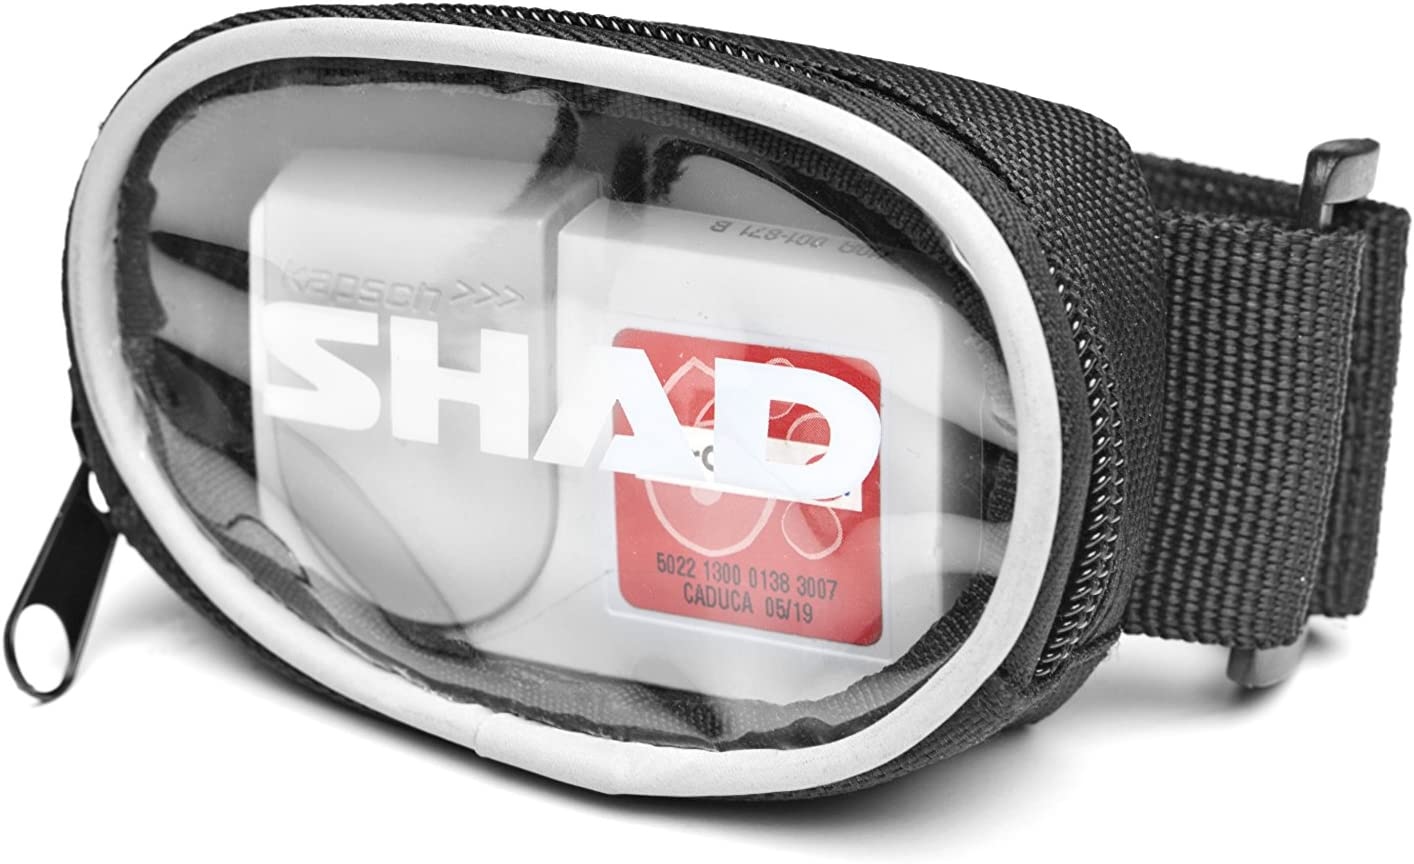 Shad X0sbt4 Weichgepäck Schwarz Auto